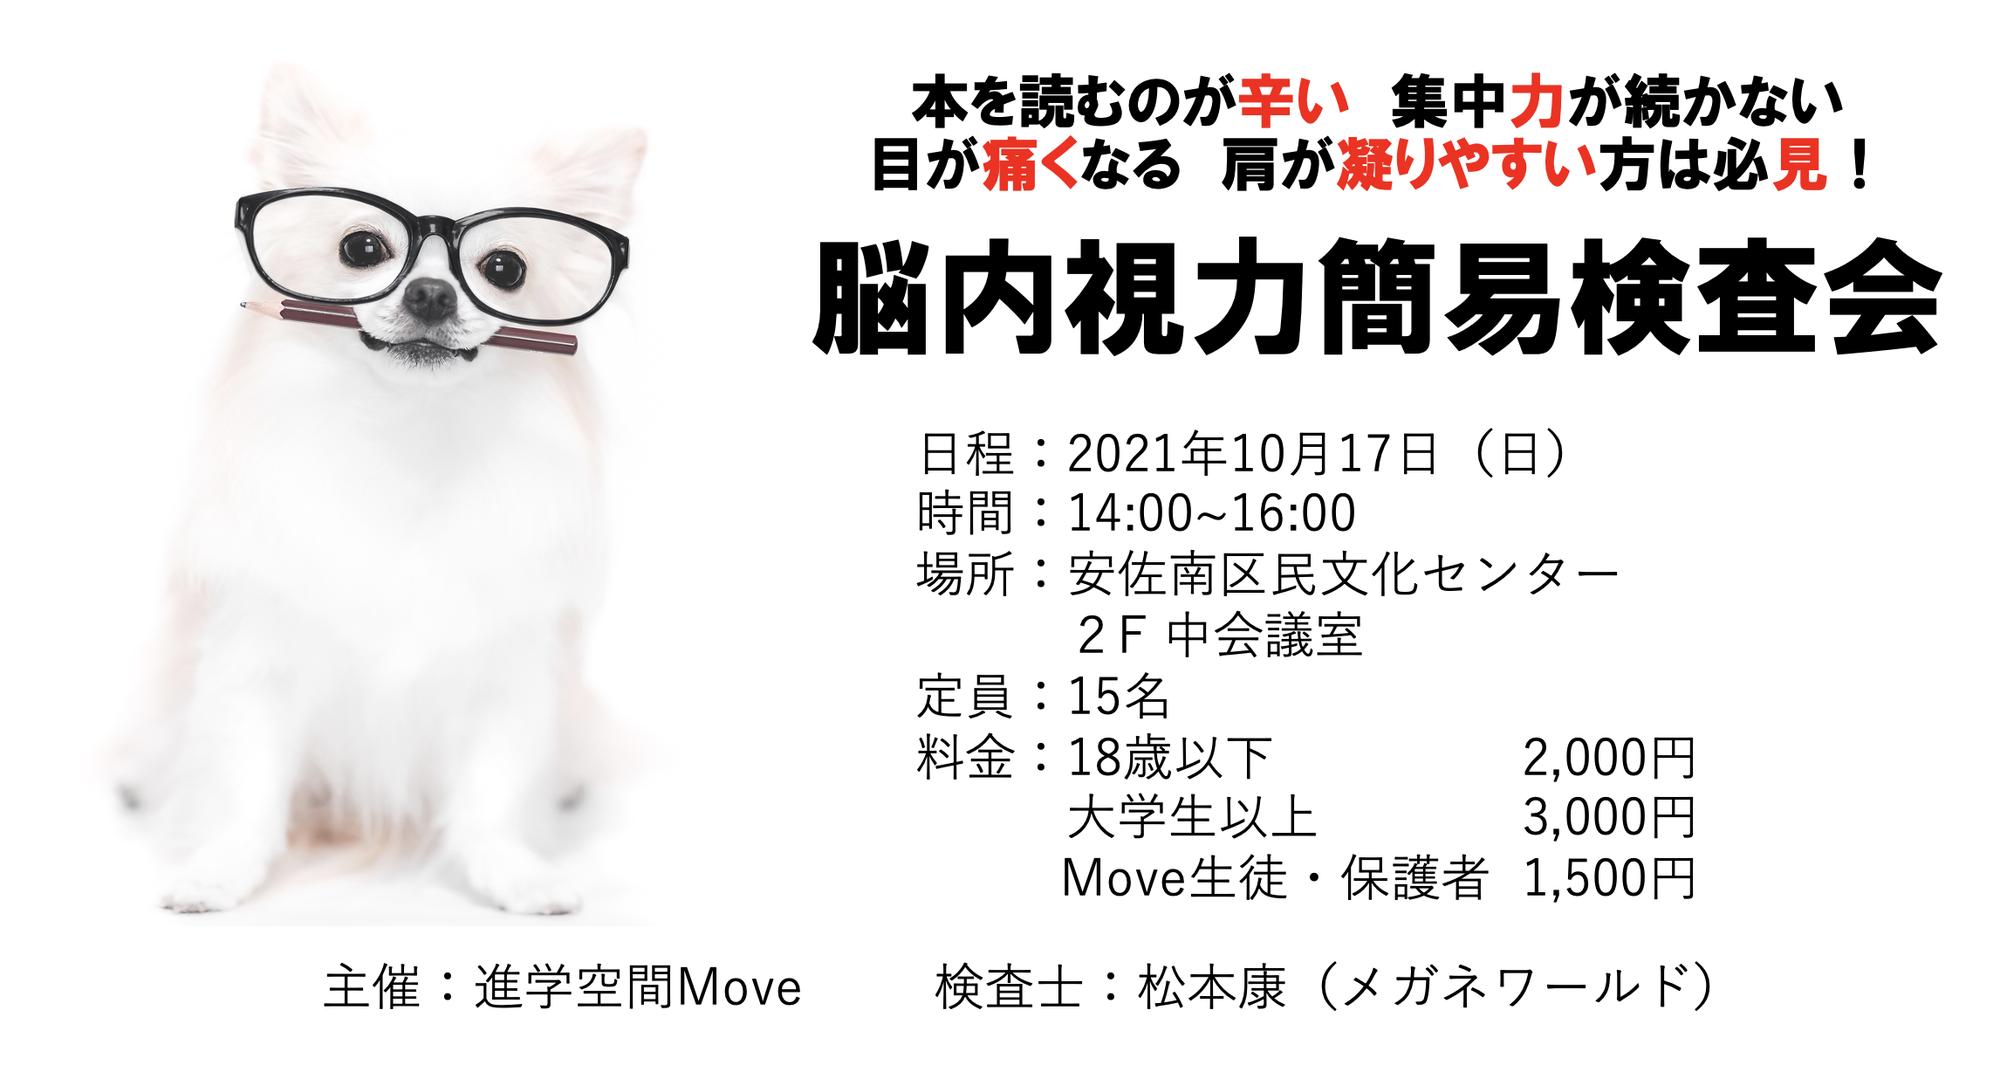 10/17(日)脳内視力簡易検査会のお知らせ